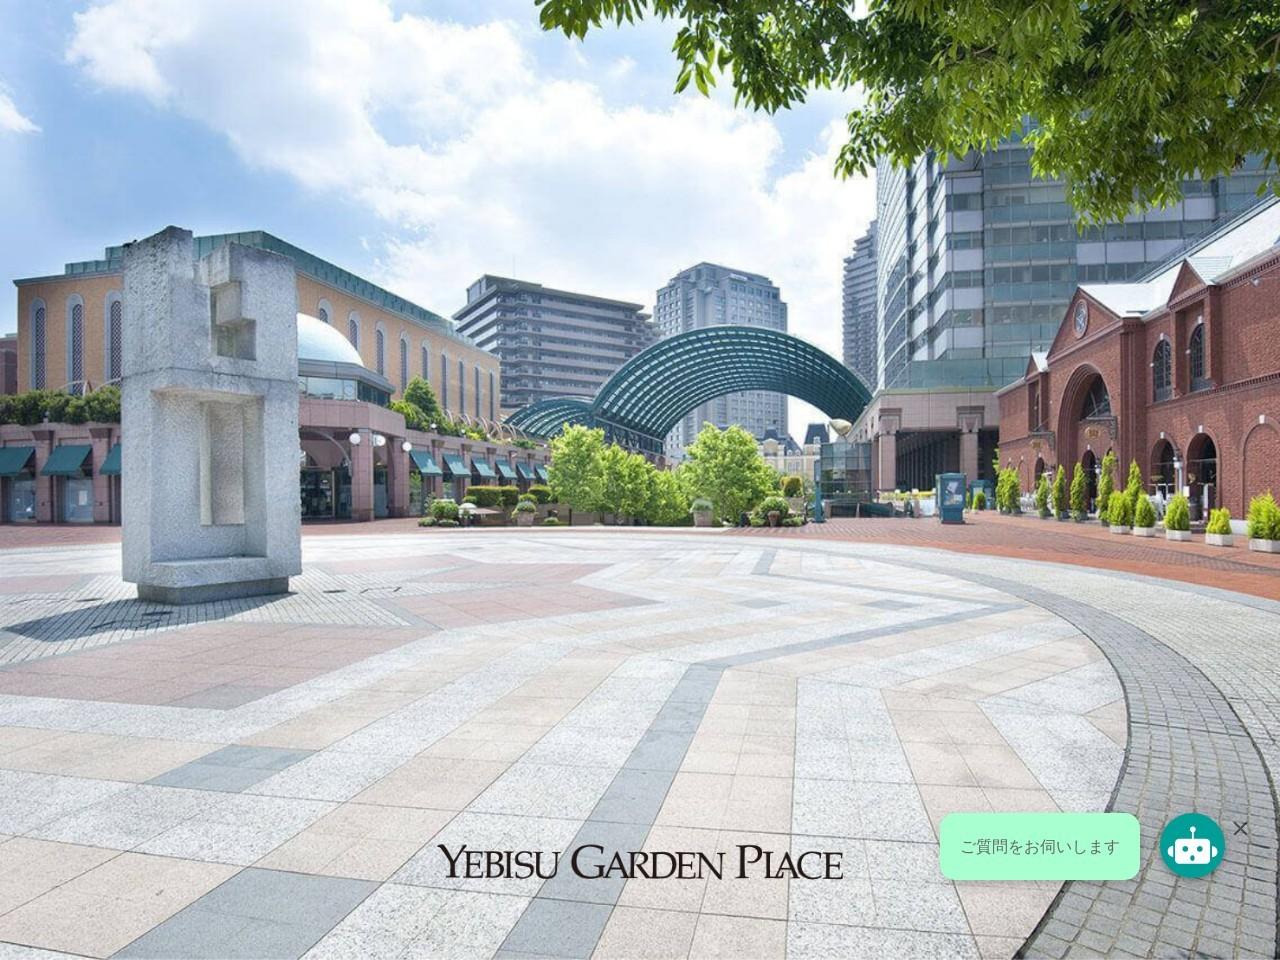 https://gardenplace.jp/special/2019greenfarm/